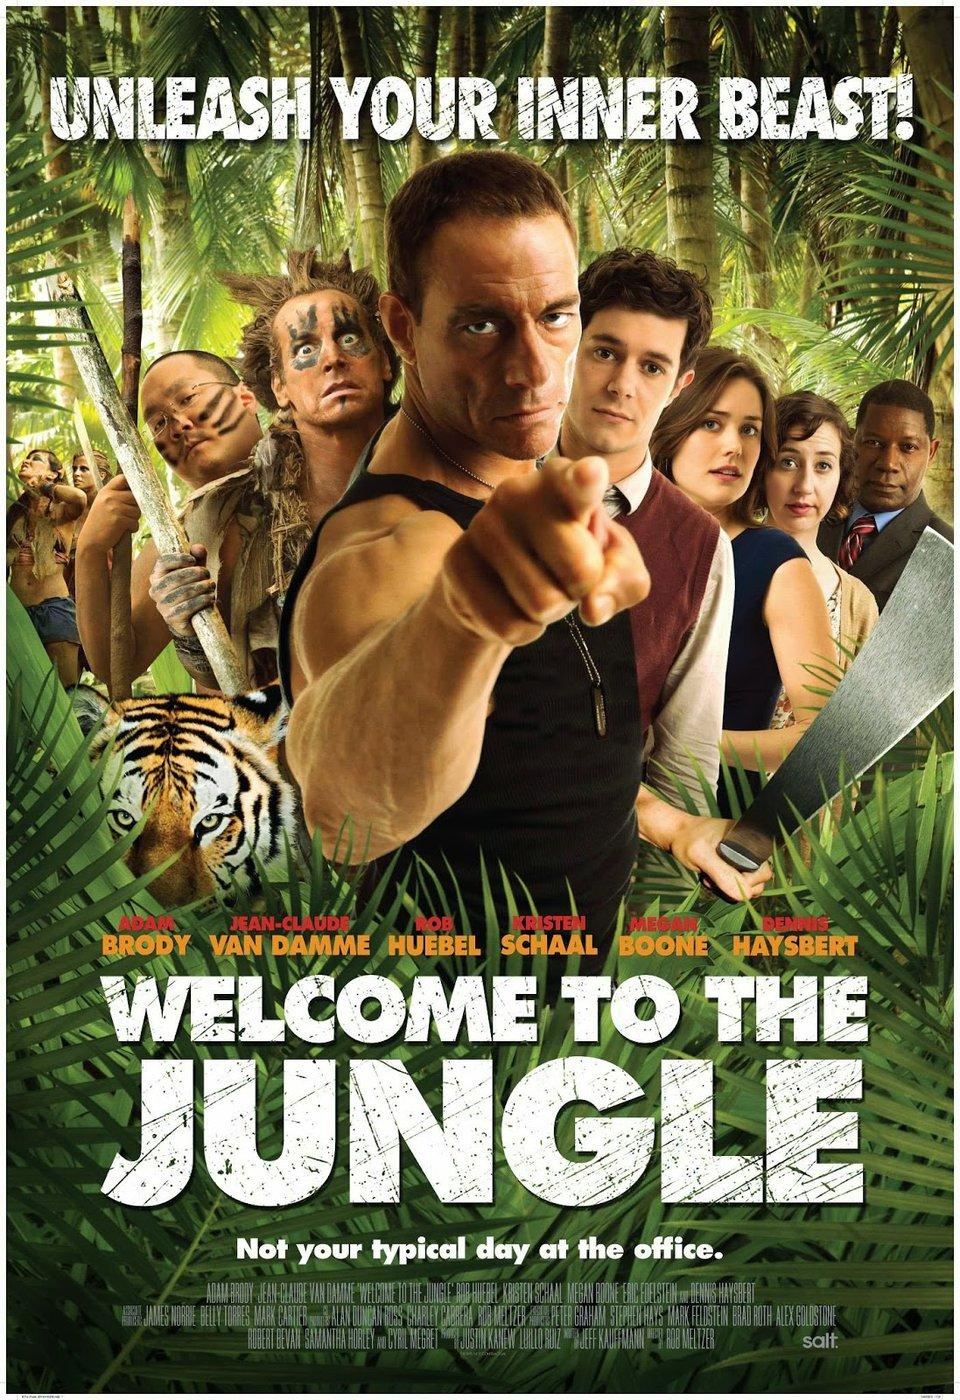 С екс в джунглях 24 фотография